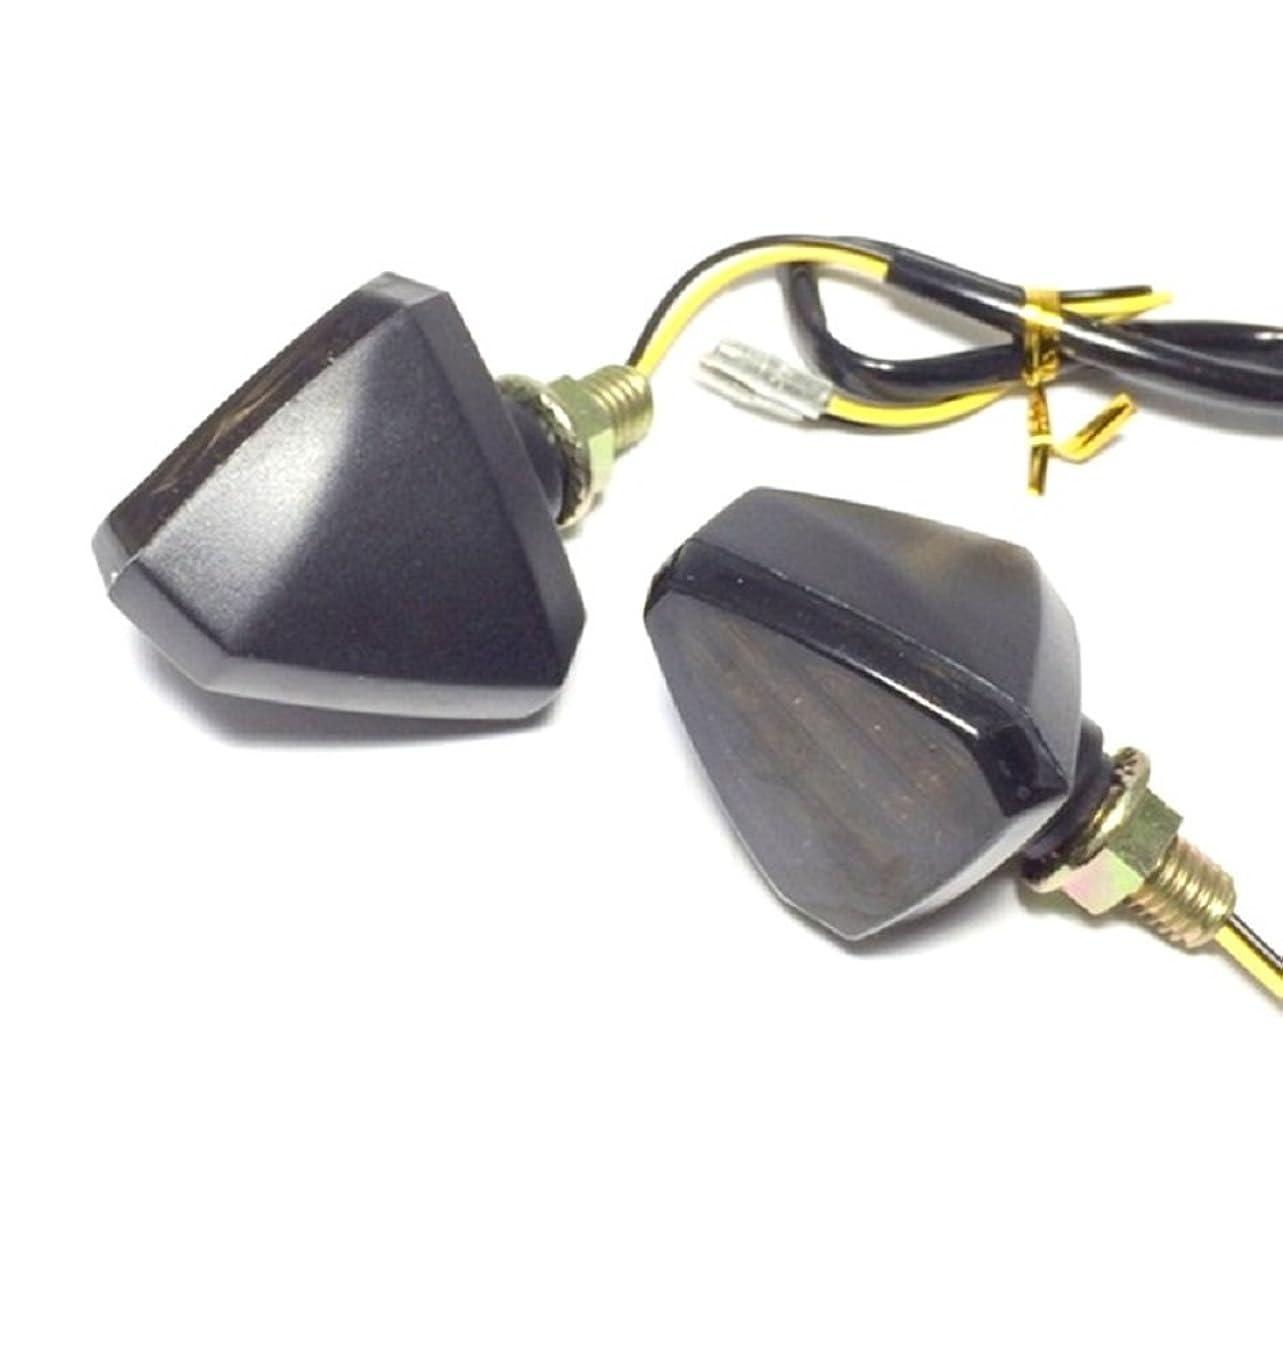 損なうリアルコーヒーバイク 用 ミニ 三角 LED ウインカー 左右 2個 セット レンズ カラー 3種 スモーク アンバー クリアー オートバイ カスタム パーツ 部品 汎用